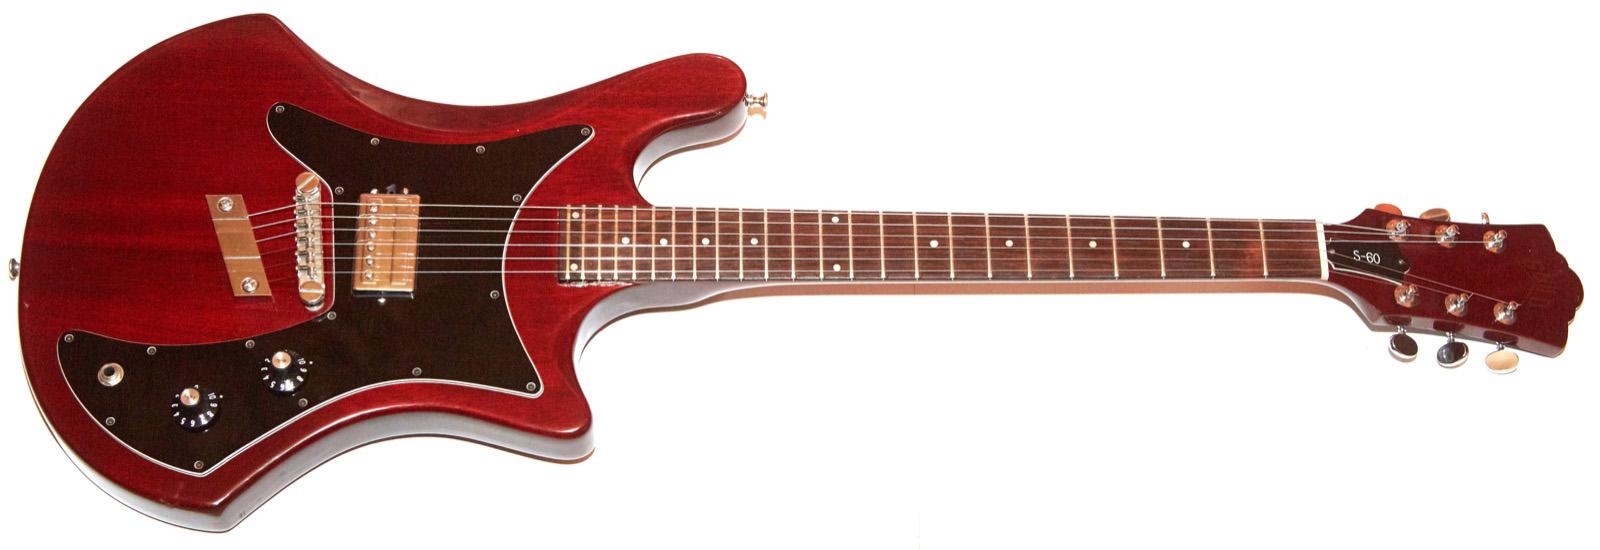 Guild-1977-S60-FullTop